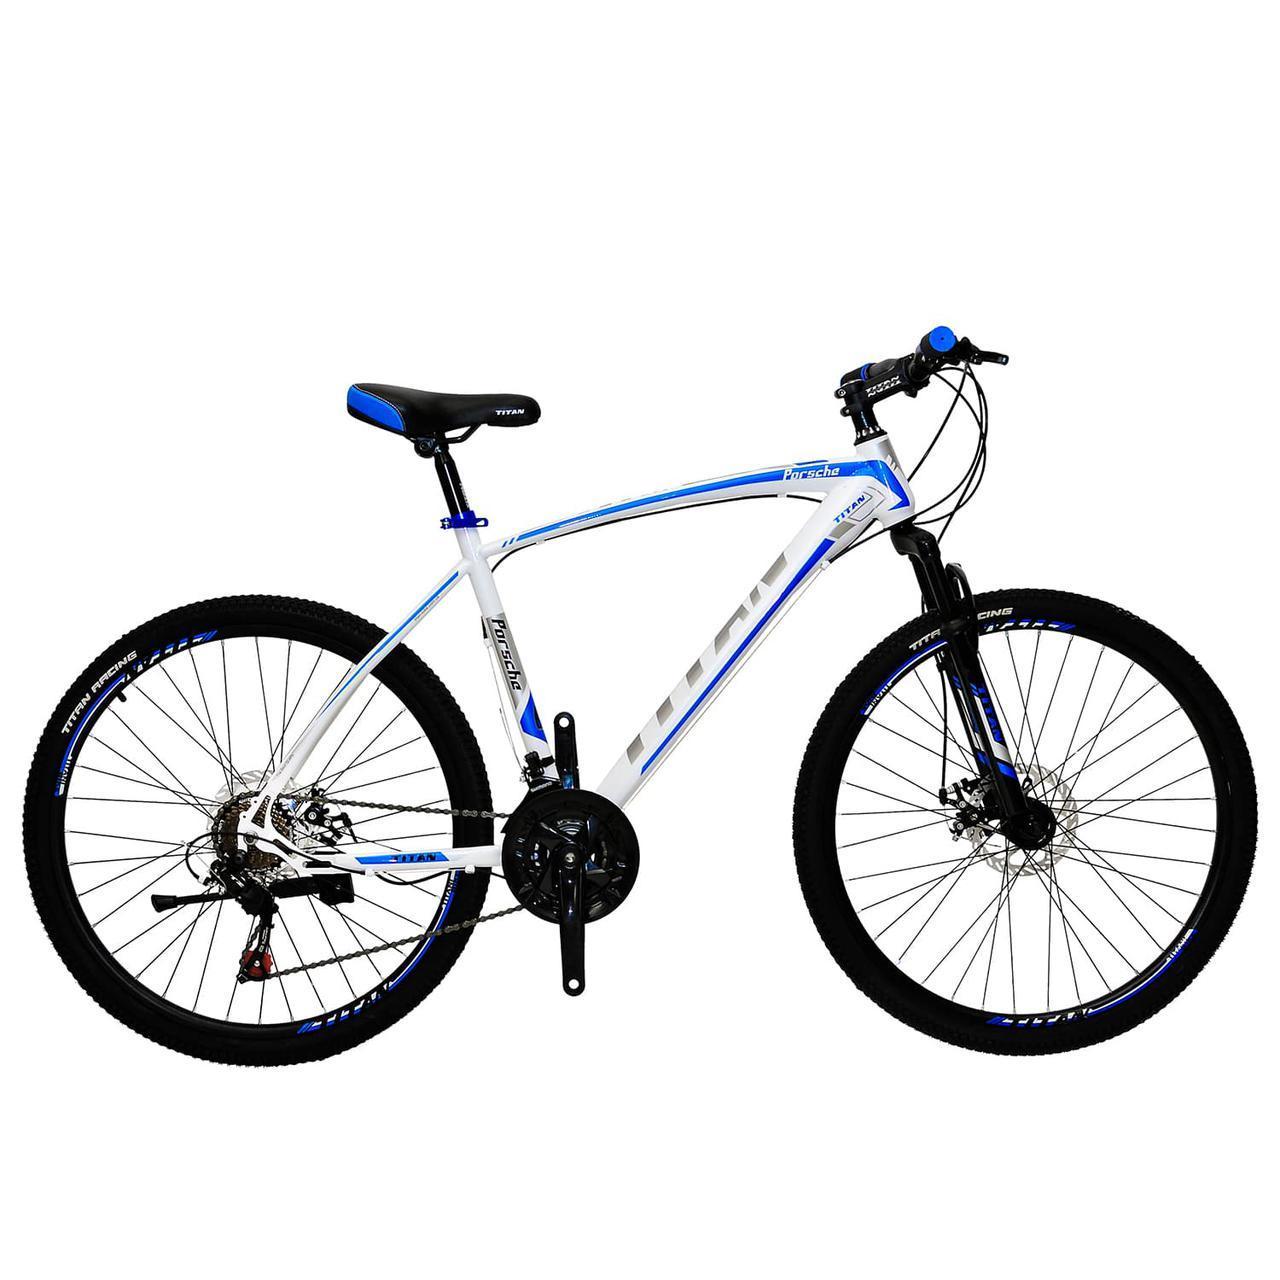 🚲Горный стальной велосипед TITAN PORSCHE DD (Shimano, моноблок); рама 19; колеса 26